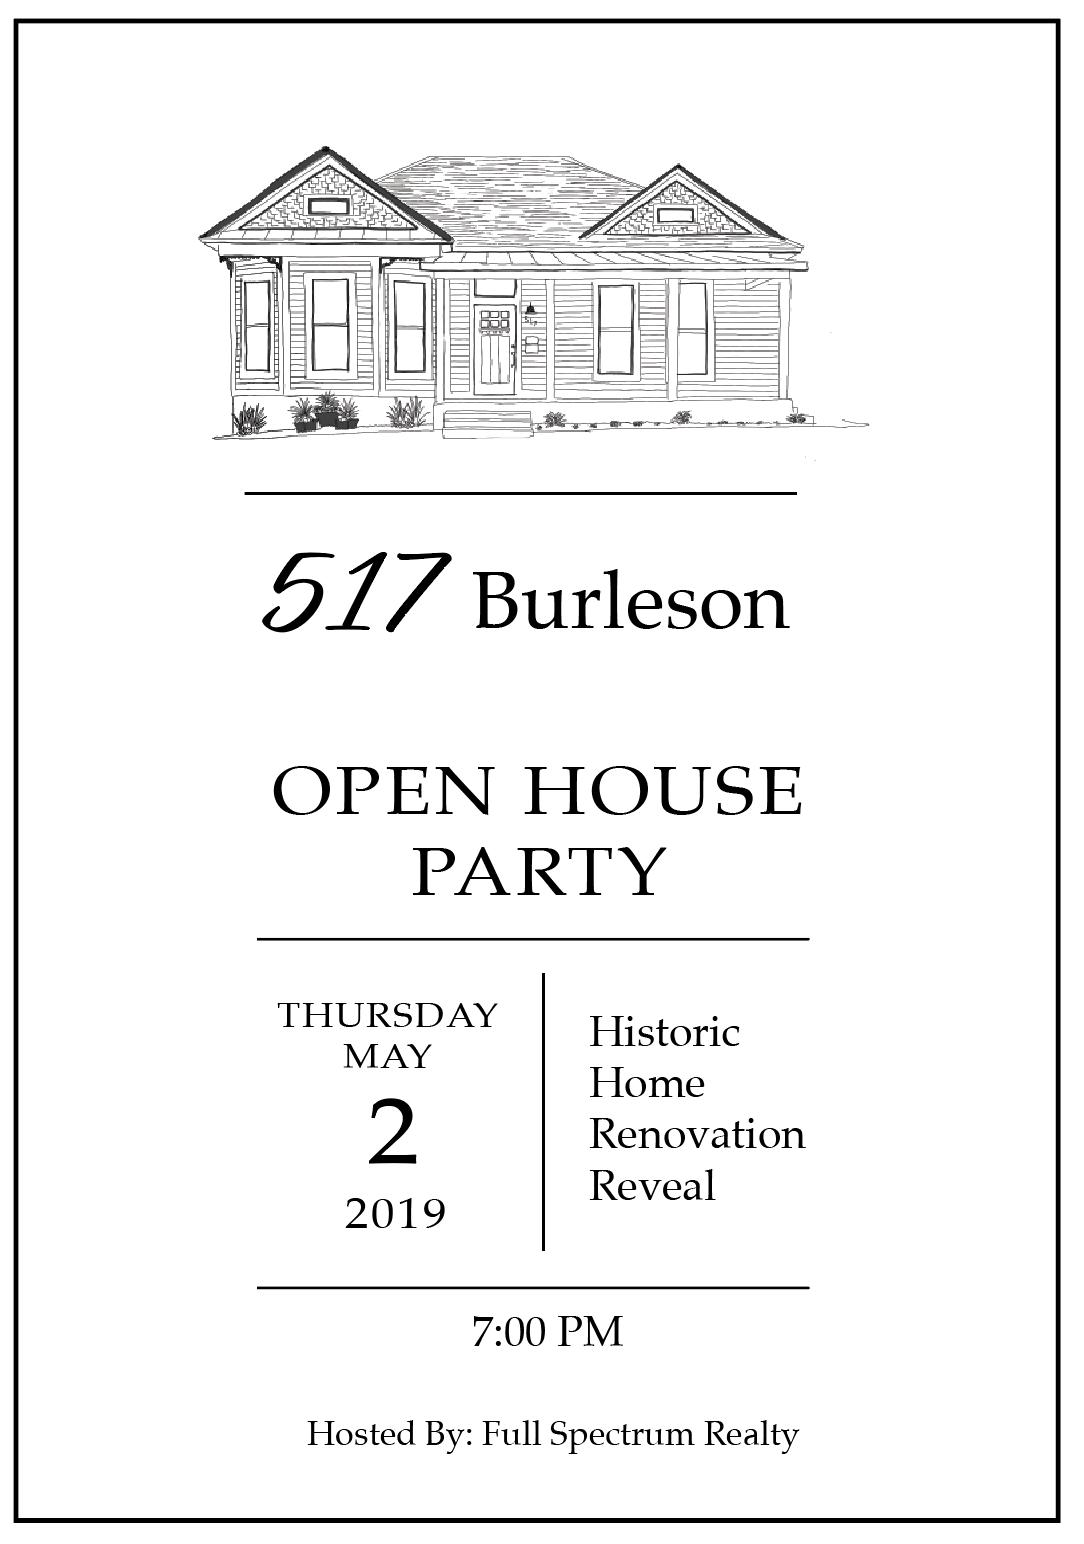 517 Burleson Invite.png